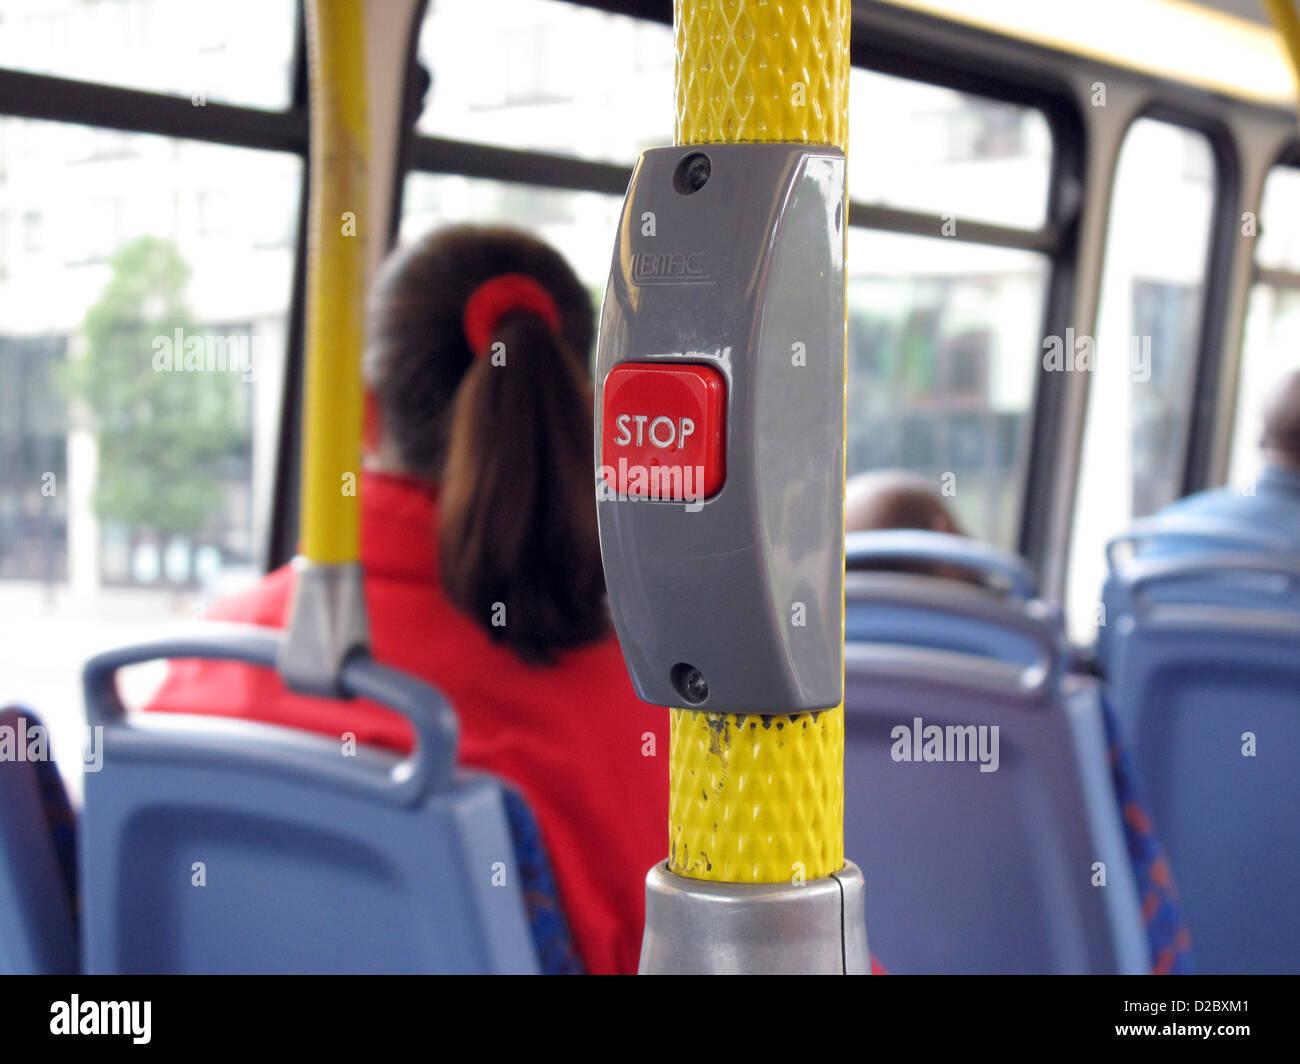 Londra, Regno Unito, richiesta di arresto del pulsante in un autobus a due piani Immagini Stock